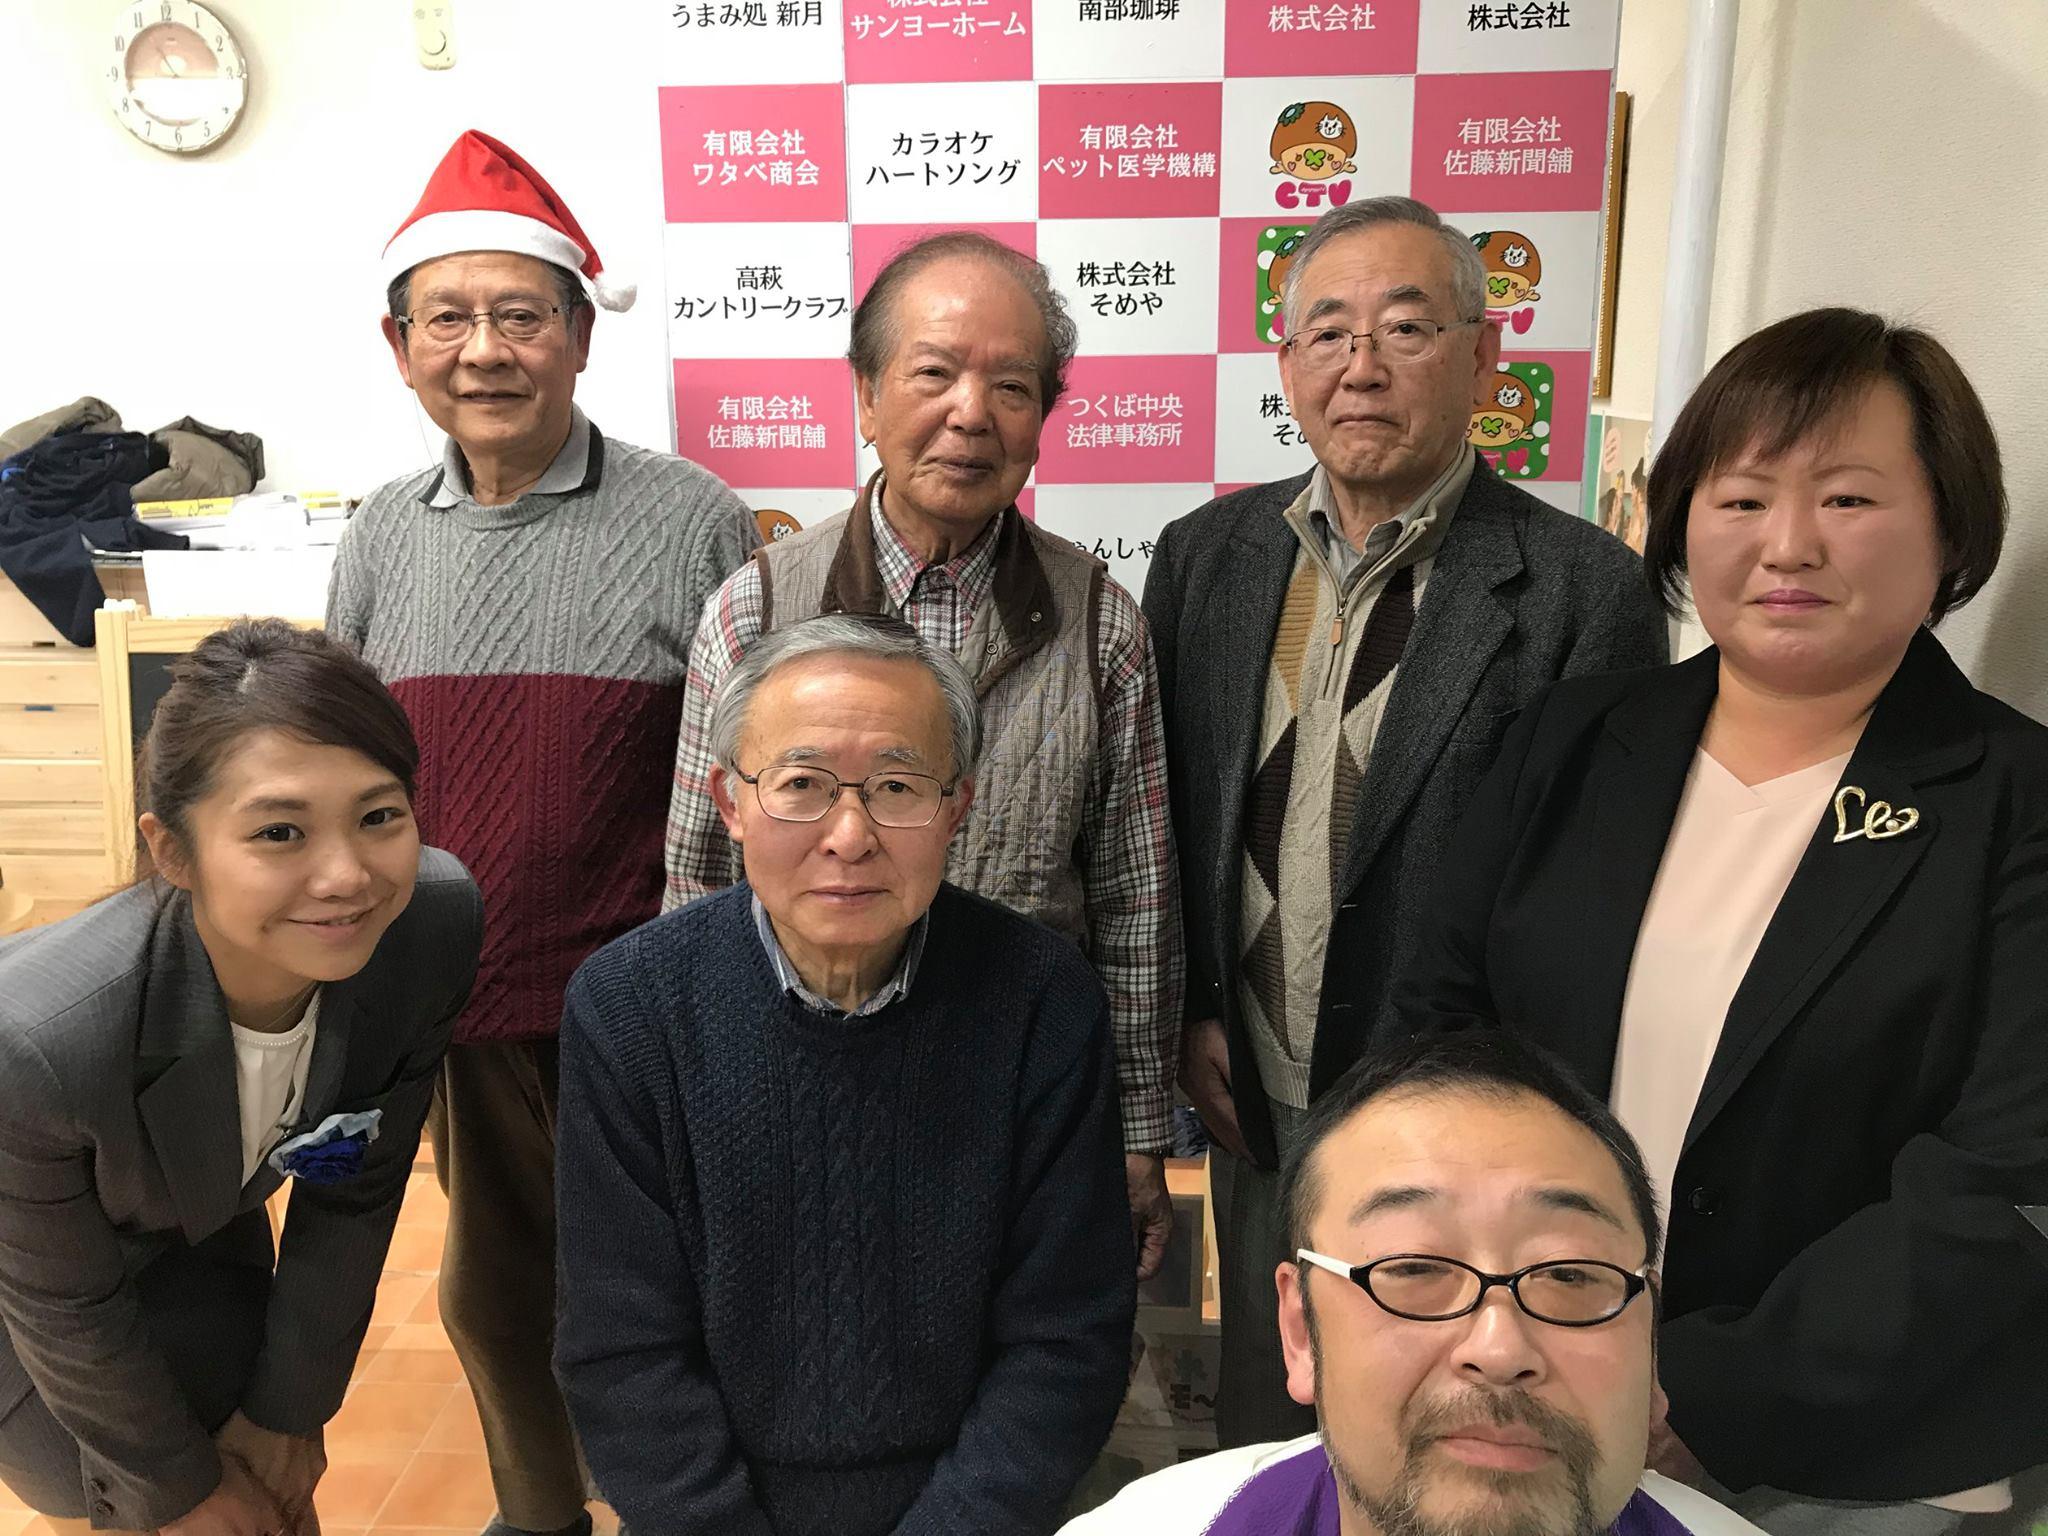 [2017/12/22]♡夕暮れモーモー #176♡ゲスト けんちゃん